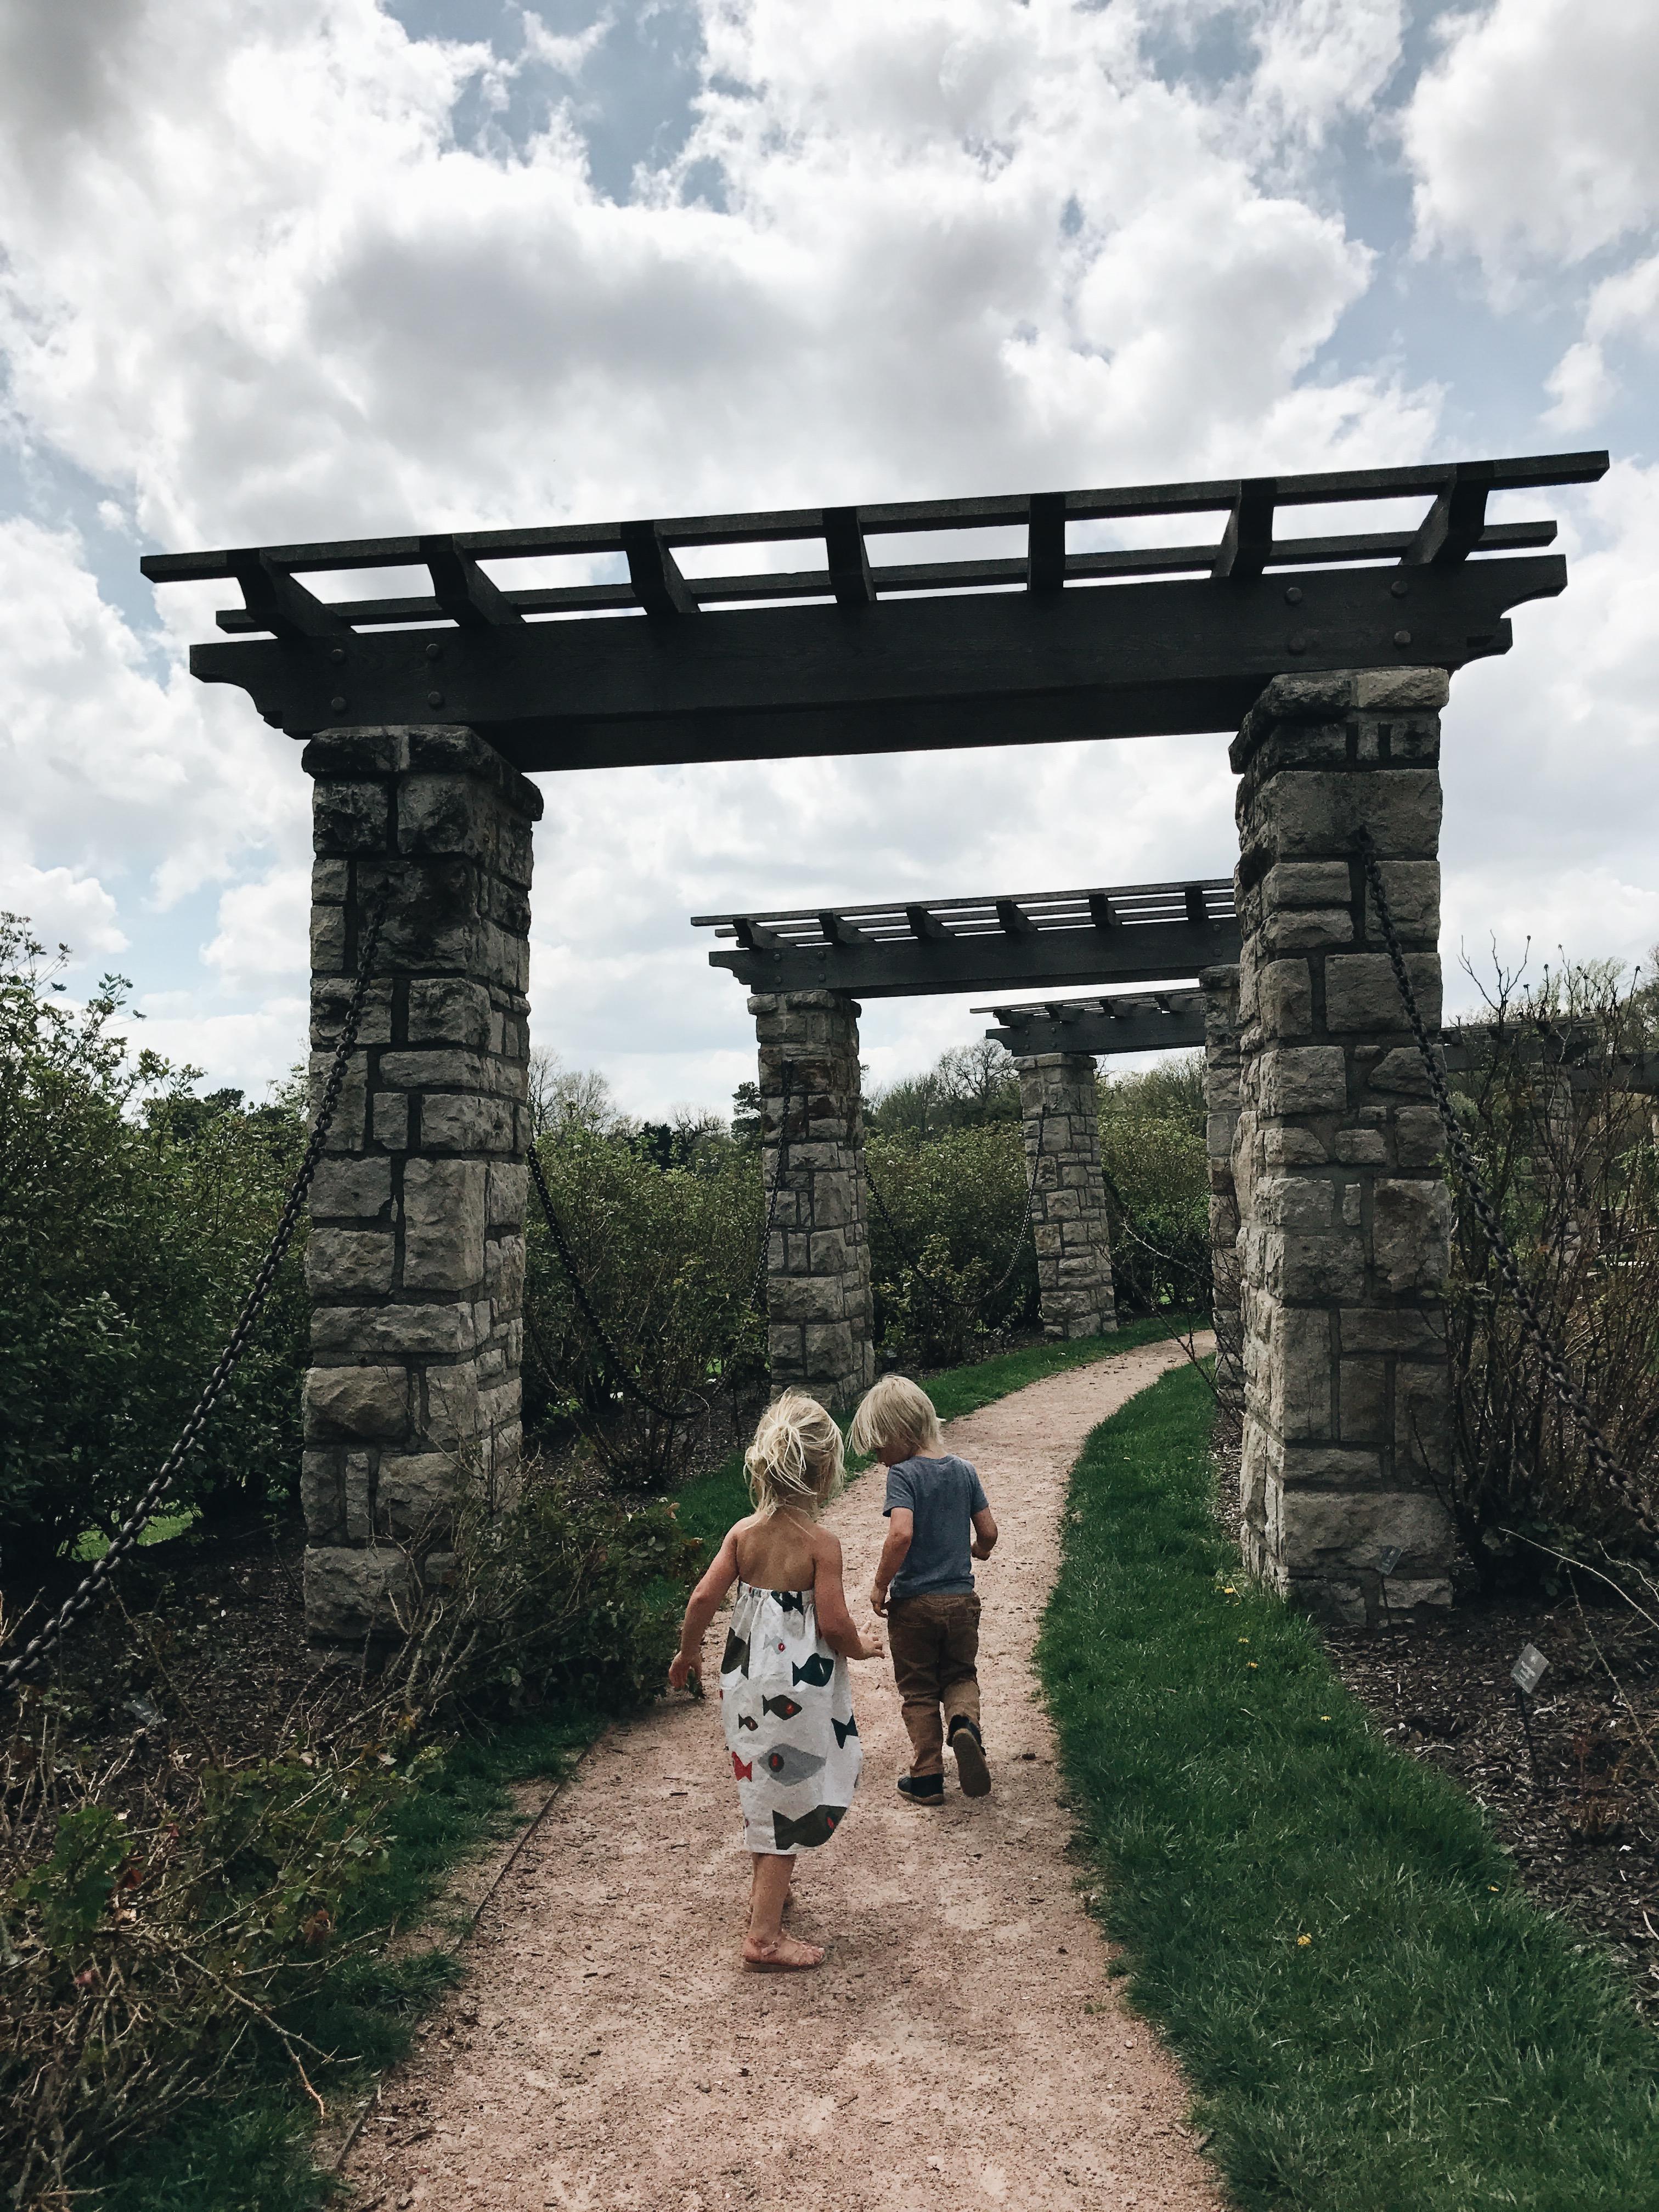 Gremlins at Loose Park